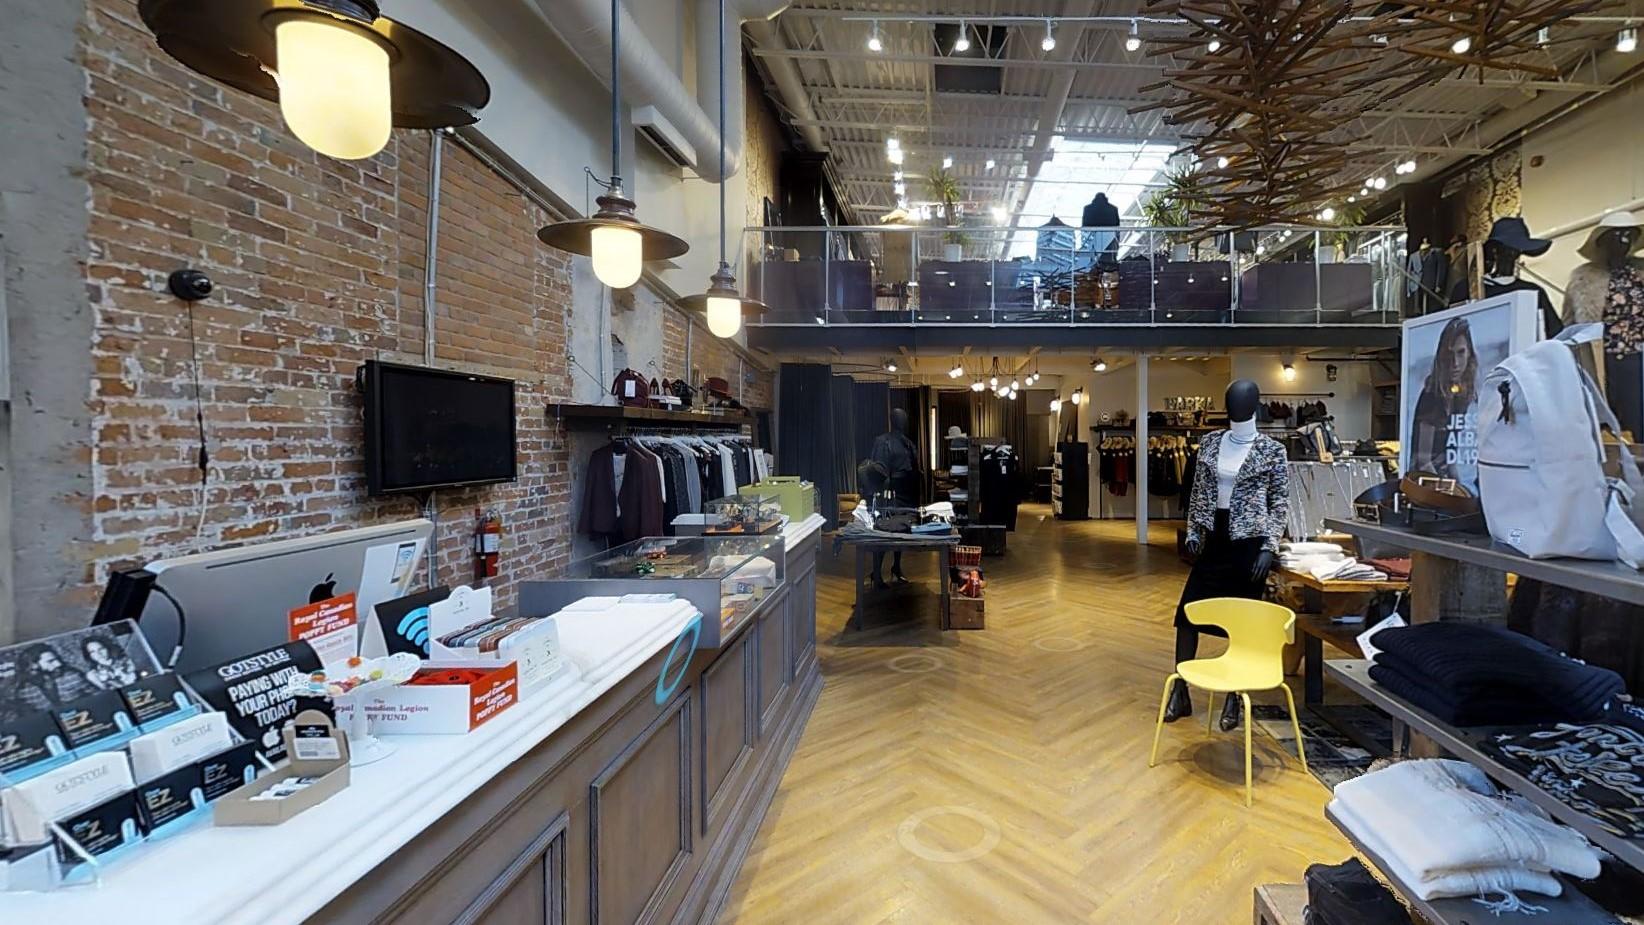 Mehr Kunden für Stores durch virtuelles Shoppingerlebnis mit Links Onlineshop